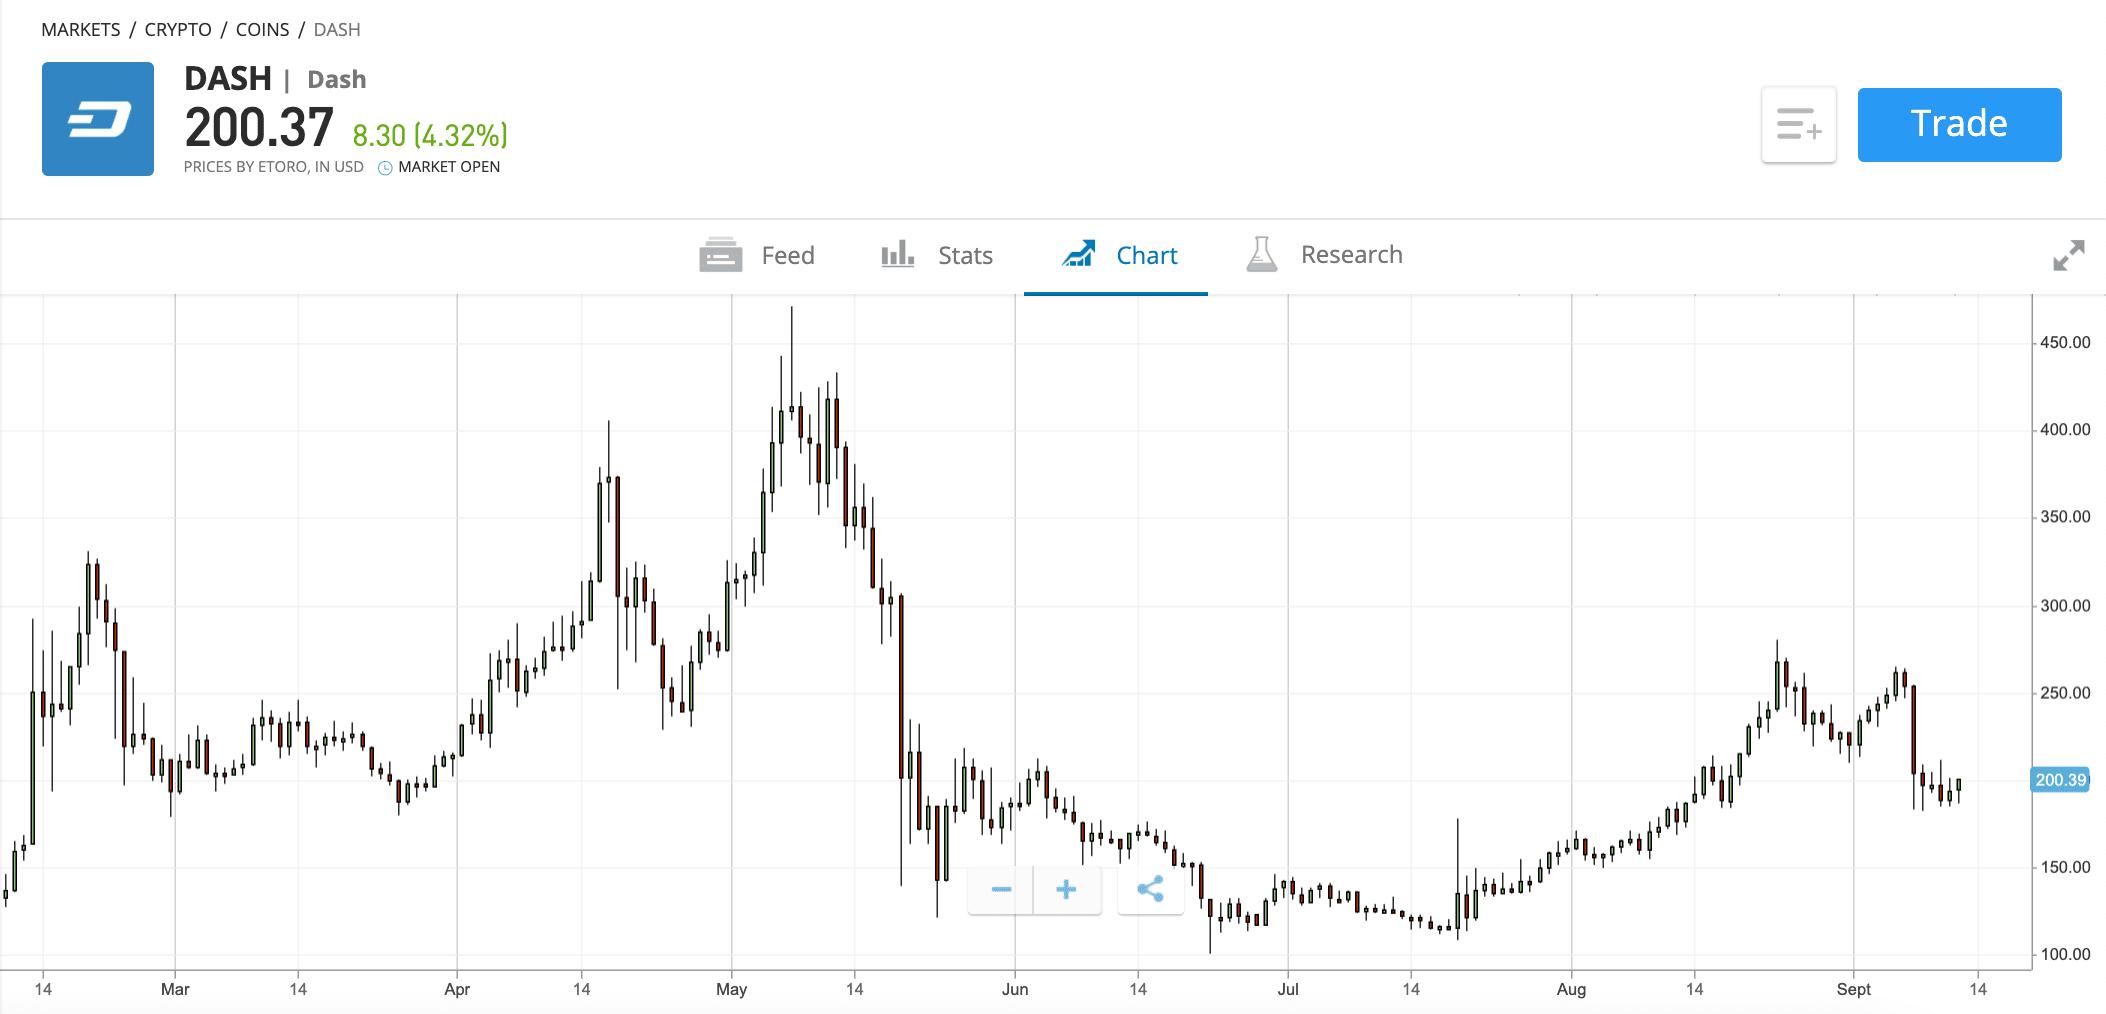 etoro dash price chart